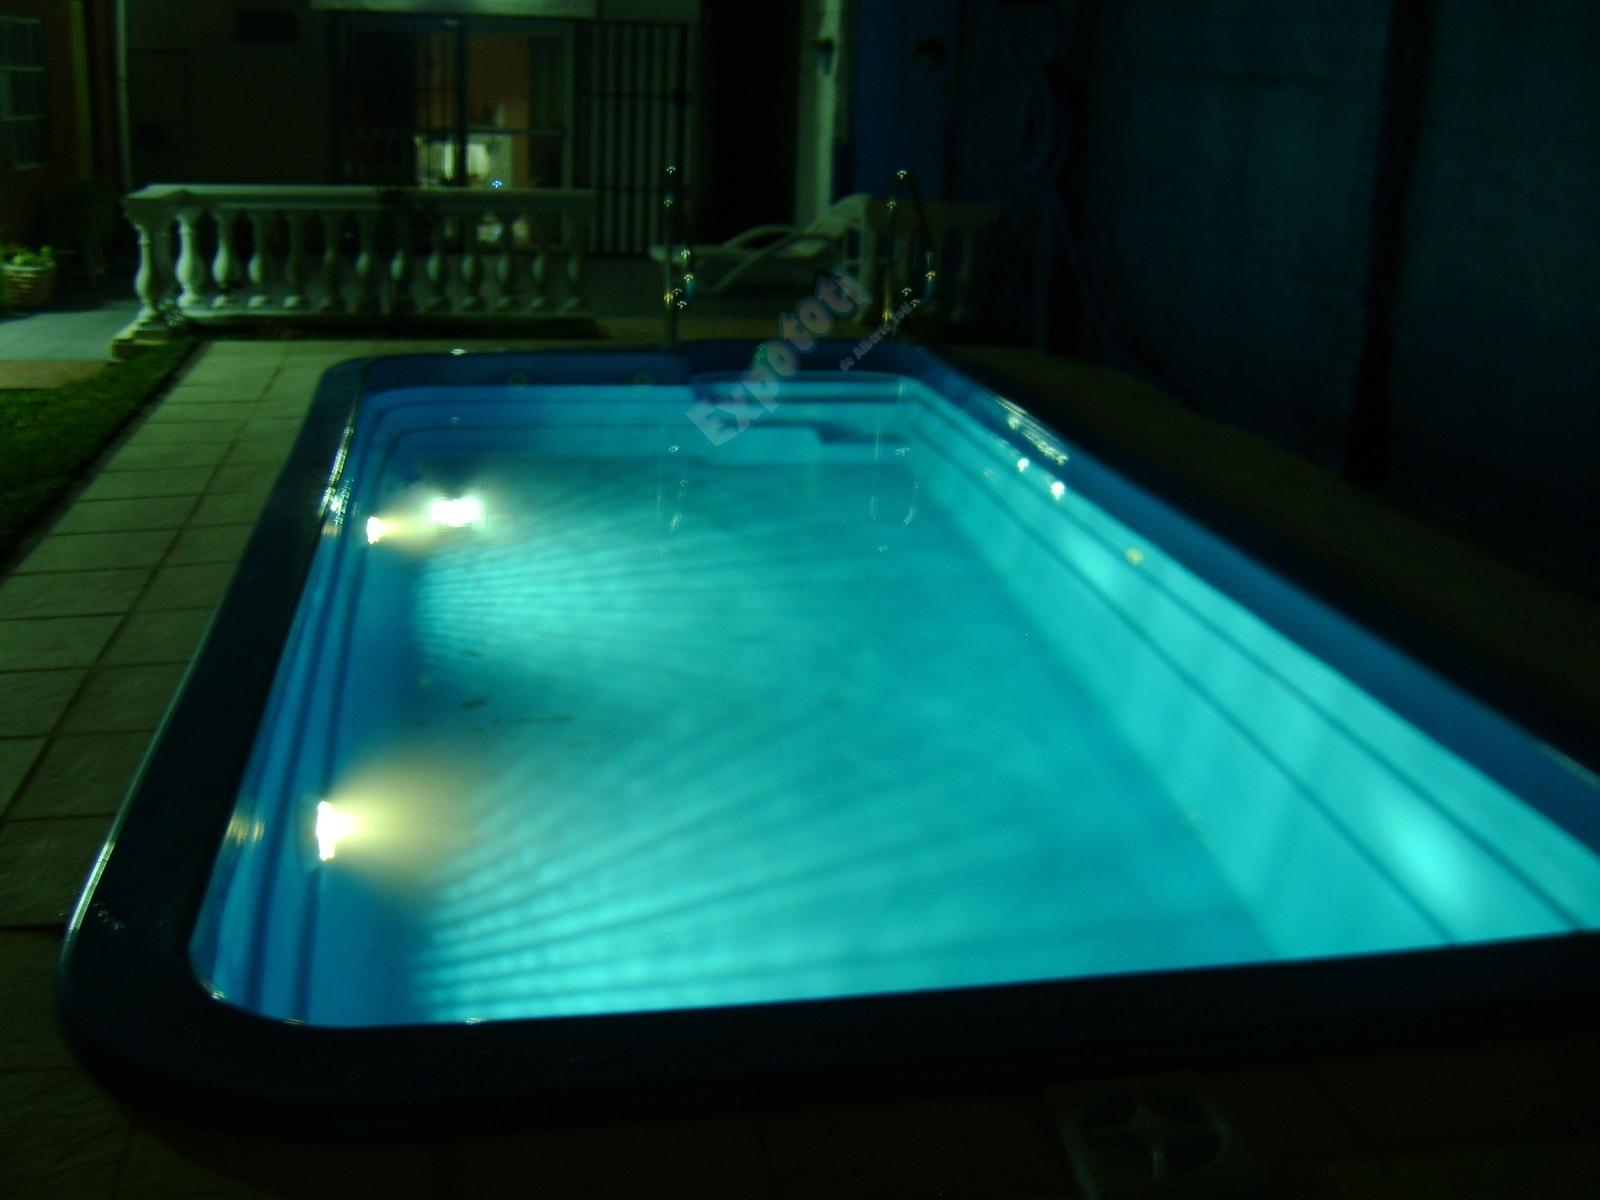 Pileta650conluzblanca promociones y precios de piletas - Luces led piscina ...